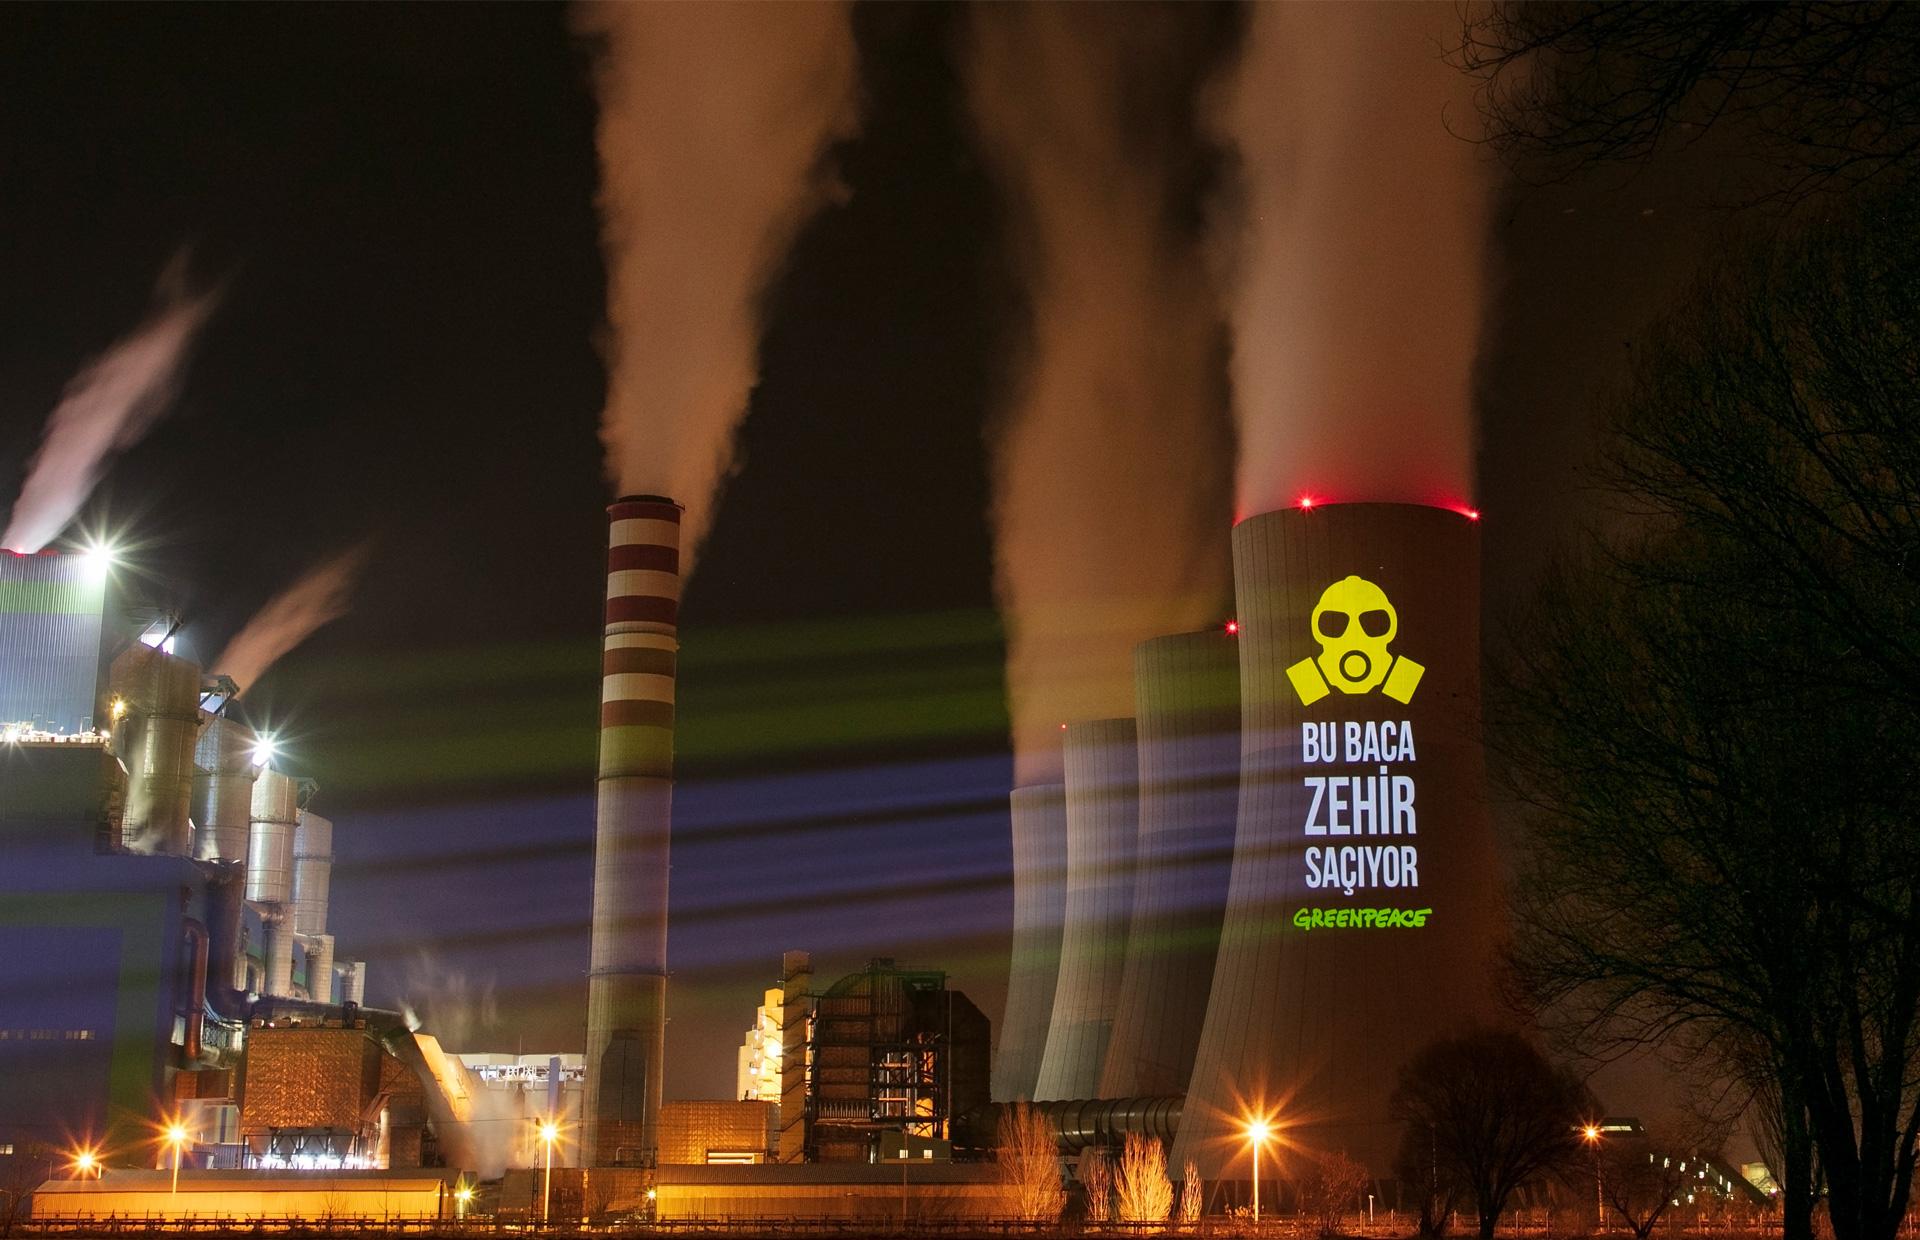 綠色和平土耳其辦公室行動者,於其中一間老舊燃煤電廠Kahramanmaraş Afşin A的煙囪上投影,要求淘汰排放毒氣的燃煤。歷經6年倡議,2020年1月土耳其環境部長正式宣佈關閉5座燃煤電廠,綠色和平將持續與當地社區一起向能源局要求,將 15 座老舊電廠全數關閉。